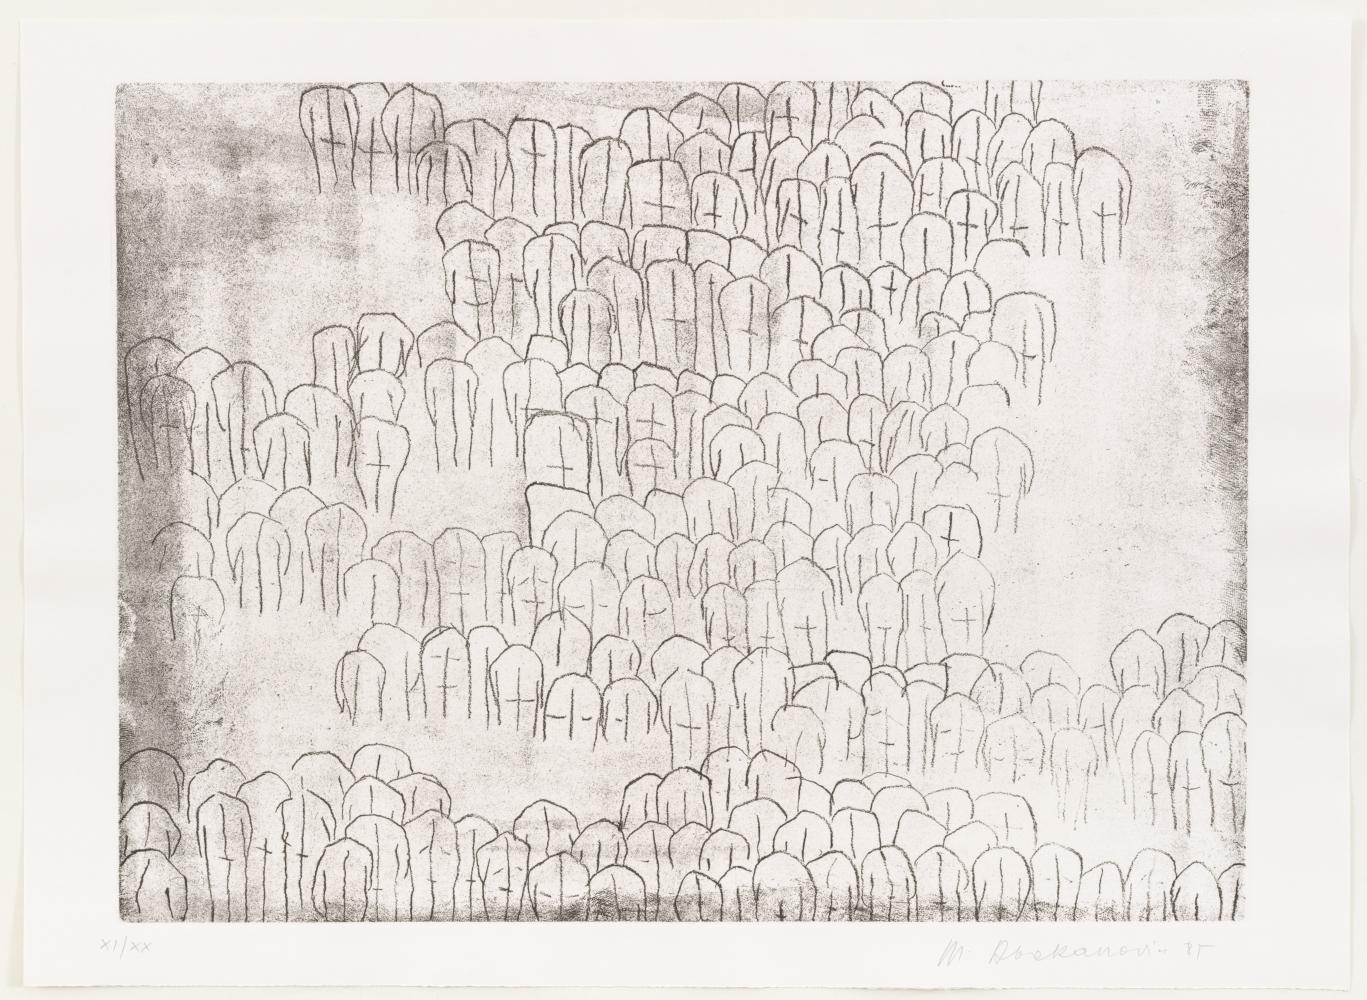 Katarsis by Abakanowicz